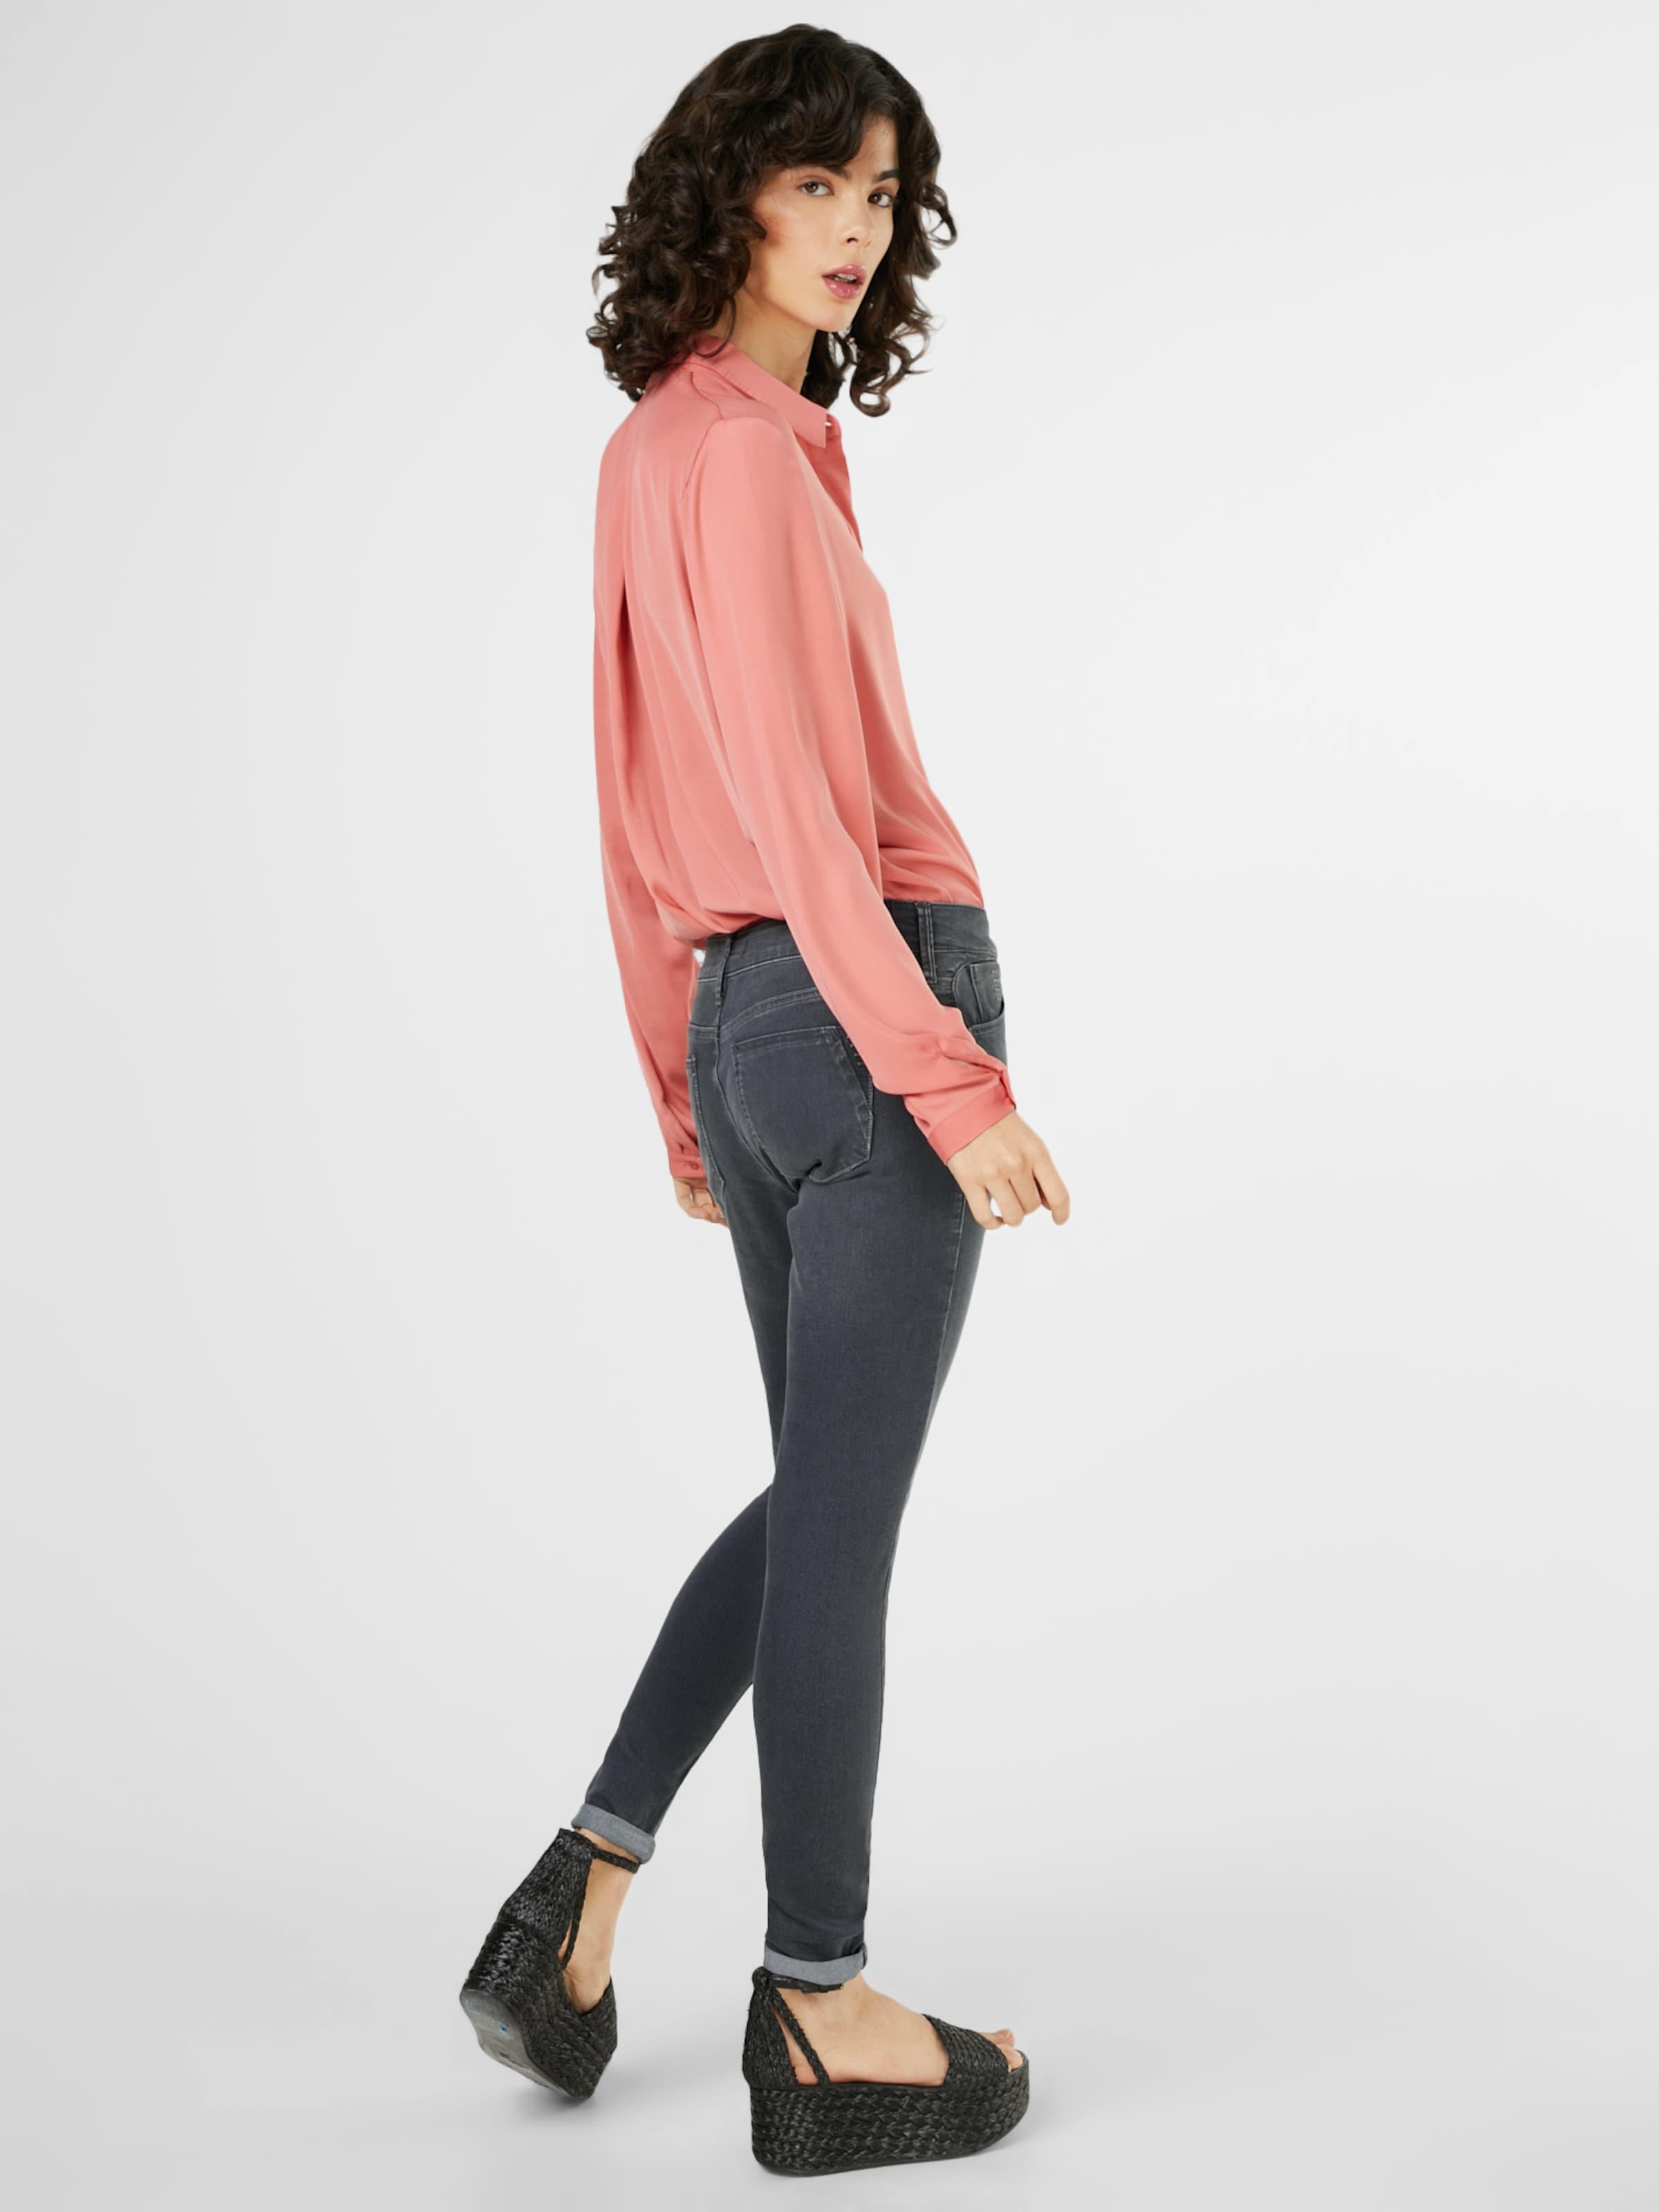 Aussicht Mavi Washed-Jeans 'LEXY' Billig Zu Verkaufen Freies Verschiffen Wahl Perfekte Online Freies Verschiffen Neuestes 0dXdxBupFU